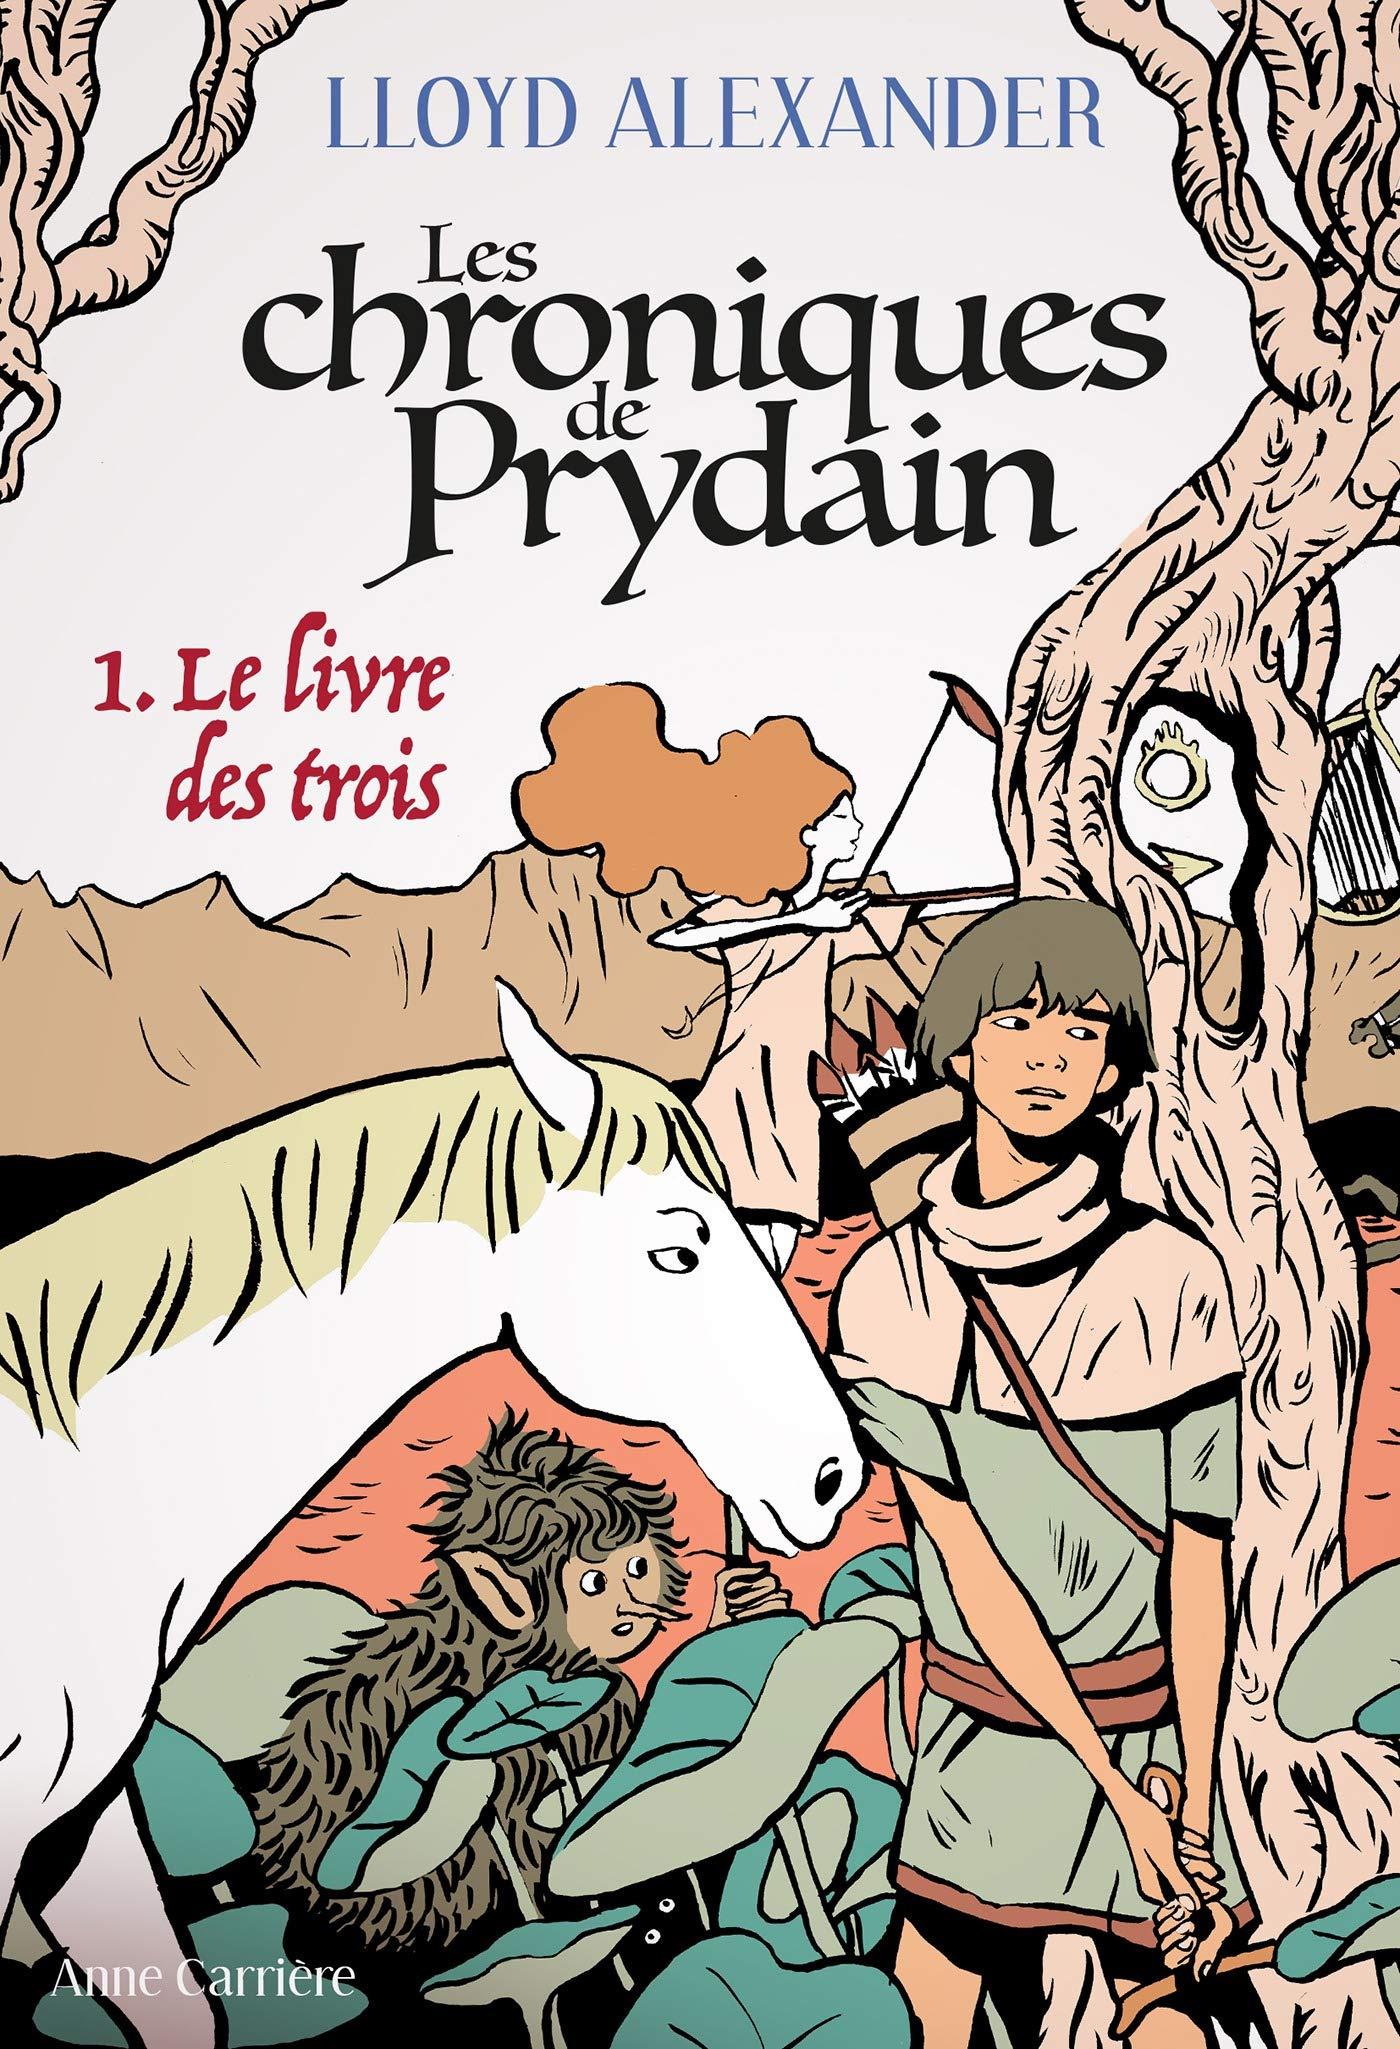 Le Livre des trois: Les Chroniques de Prydain, T1